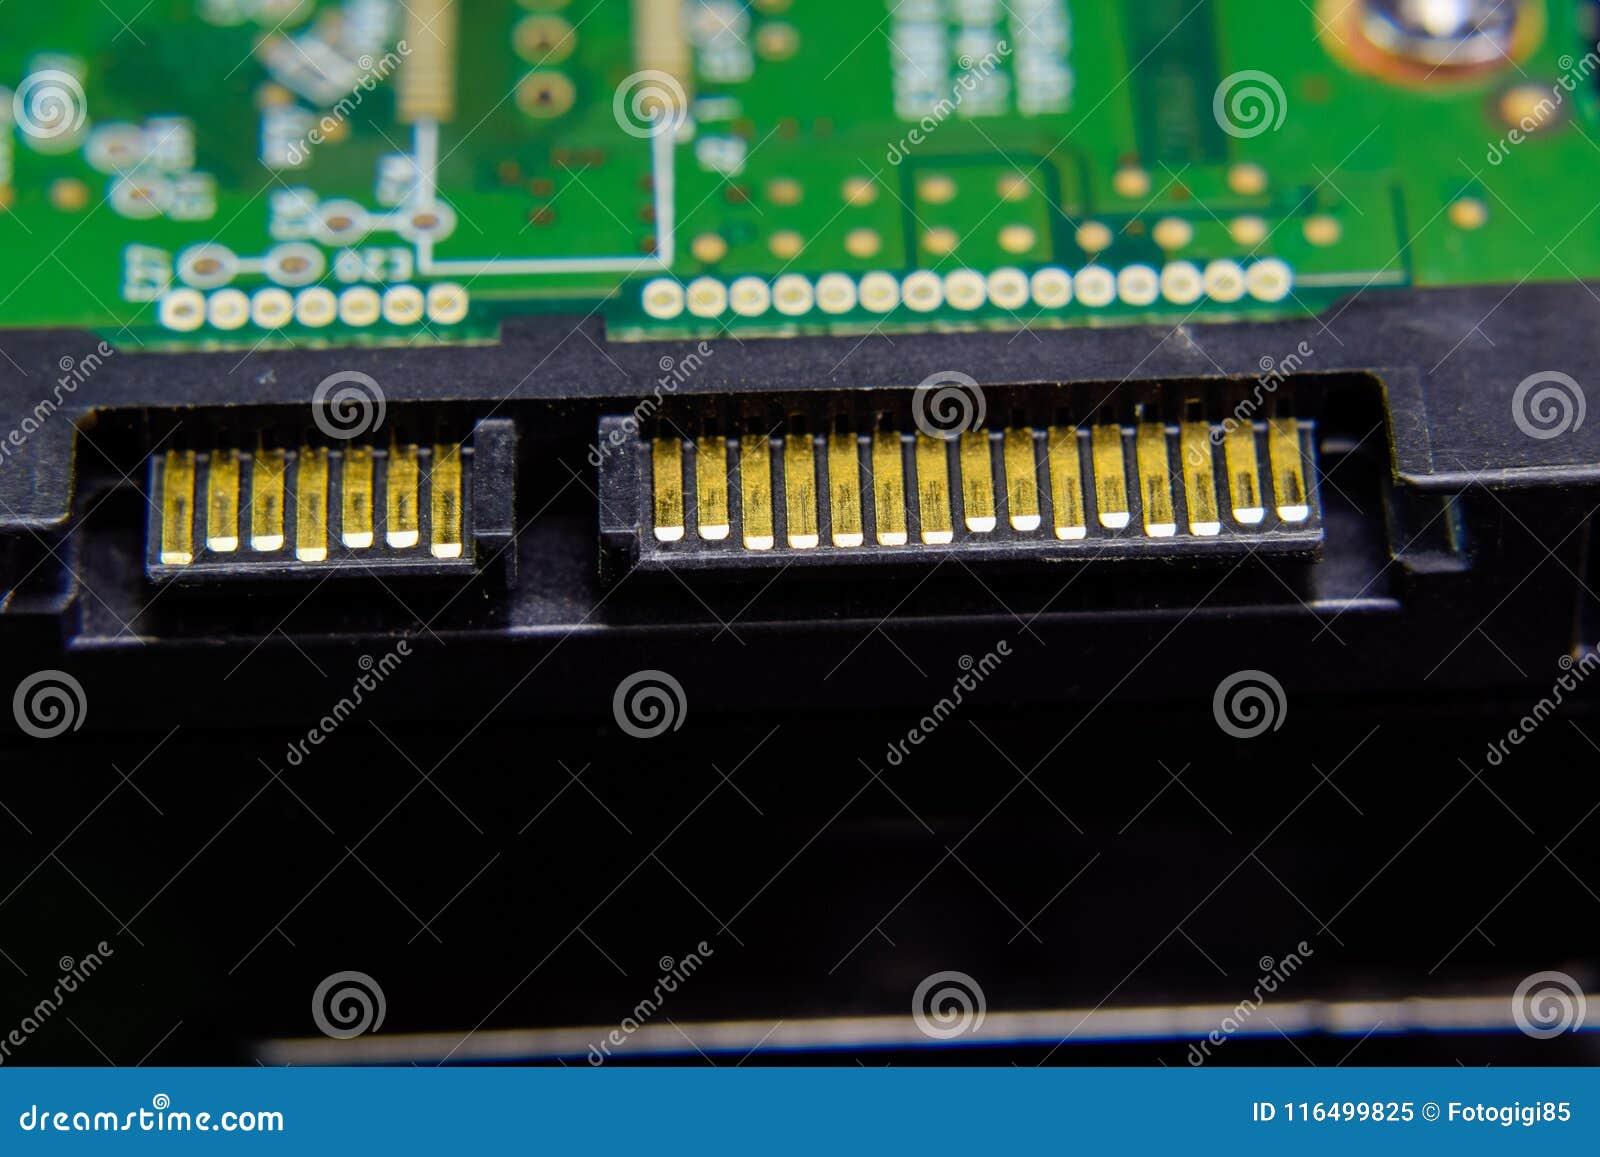 Sata ciężkiej przejażdżki włącznika Elektroniczna deska z elektrycznymi składnikami Elektronika komputerowy wyposażenie